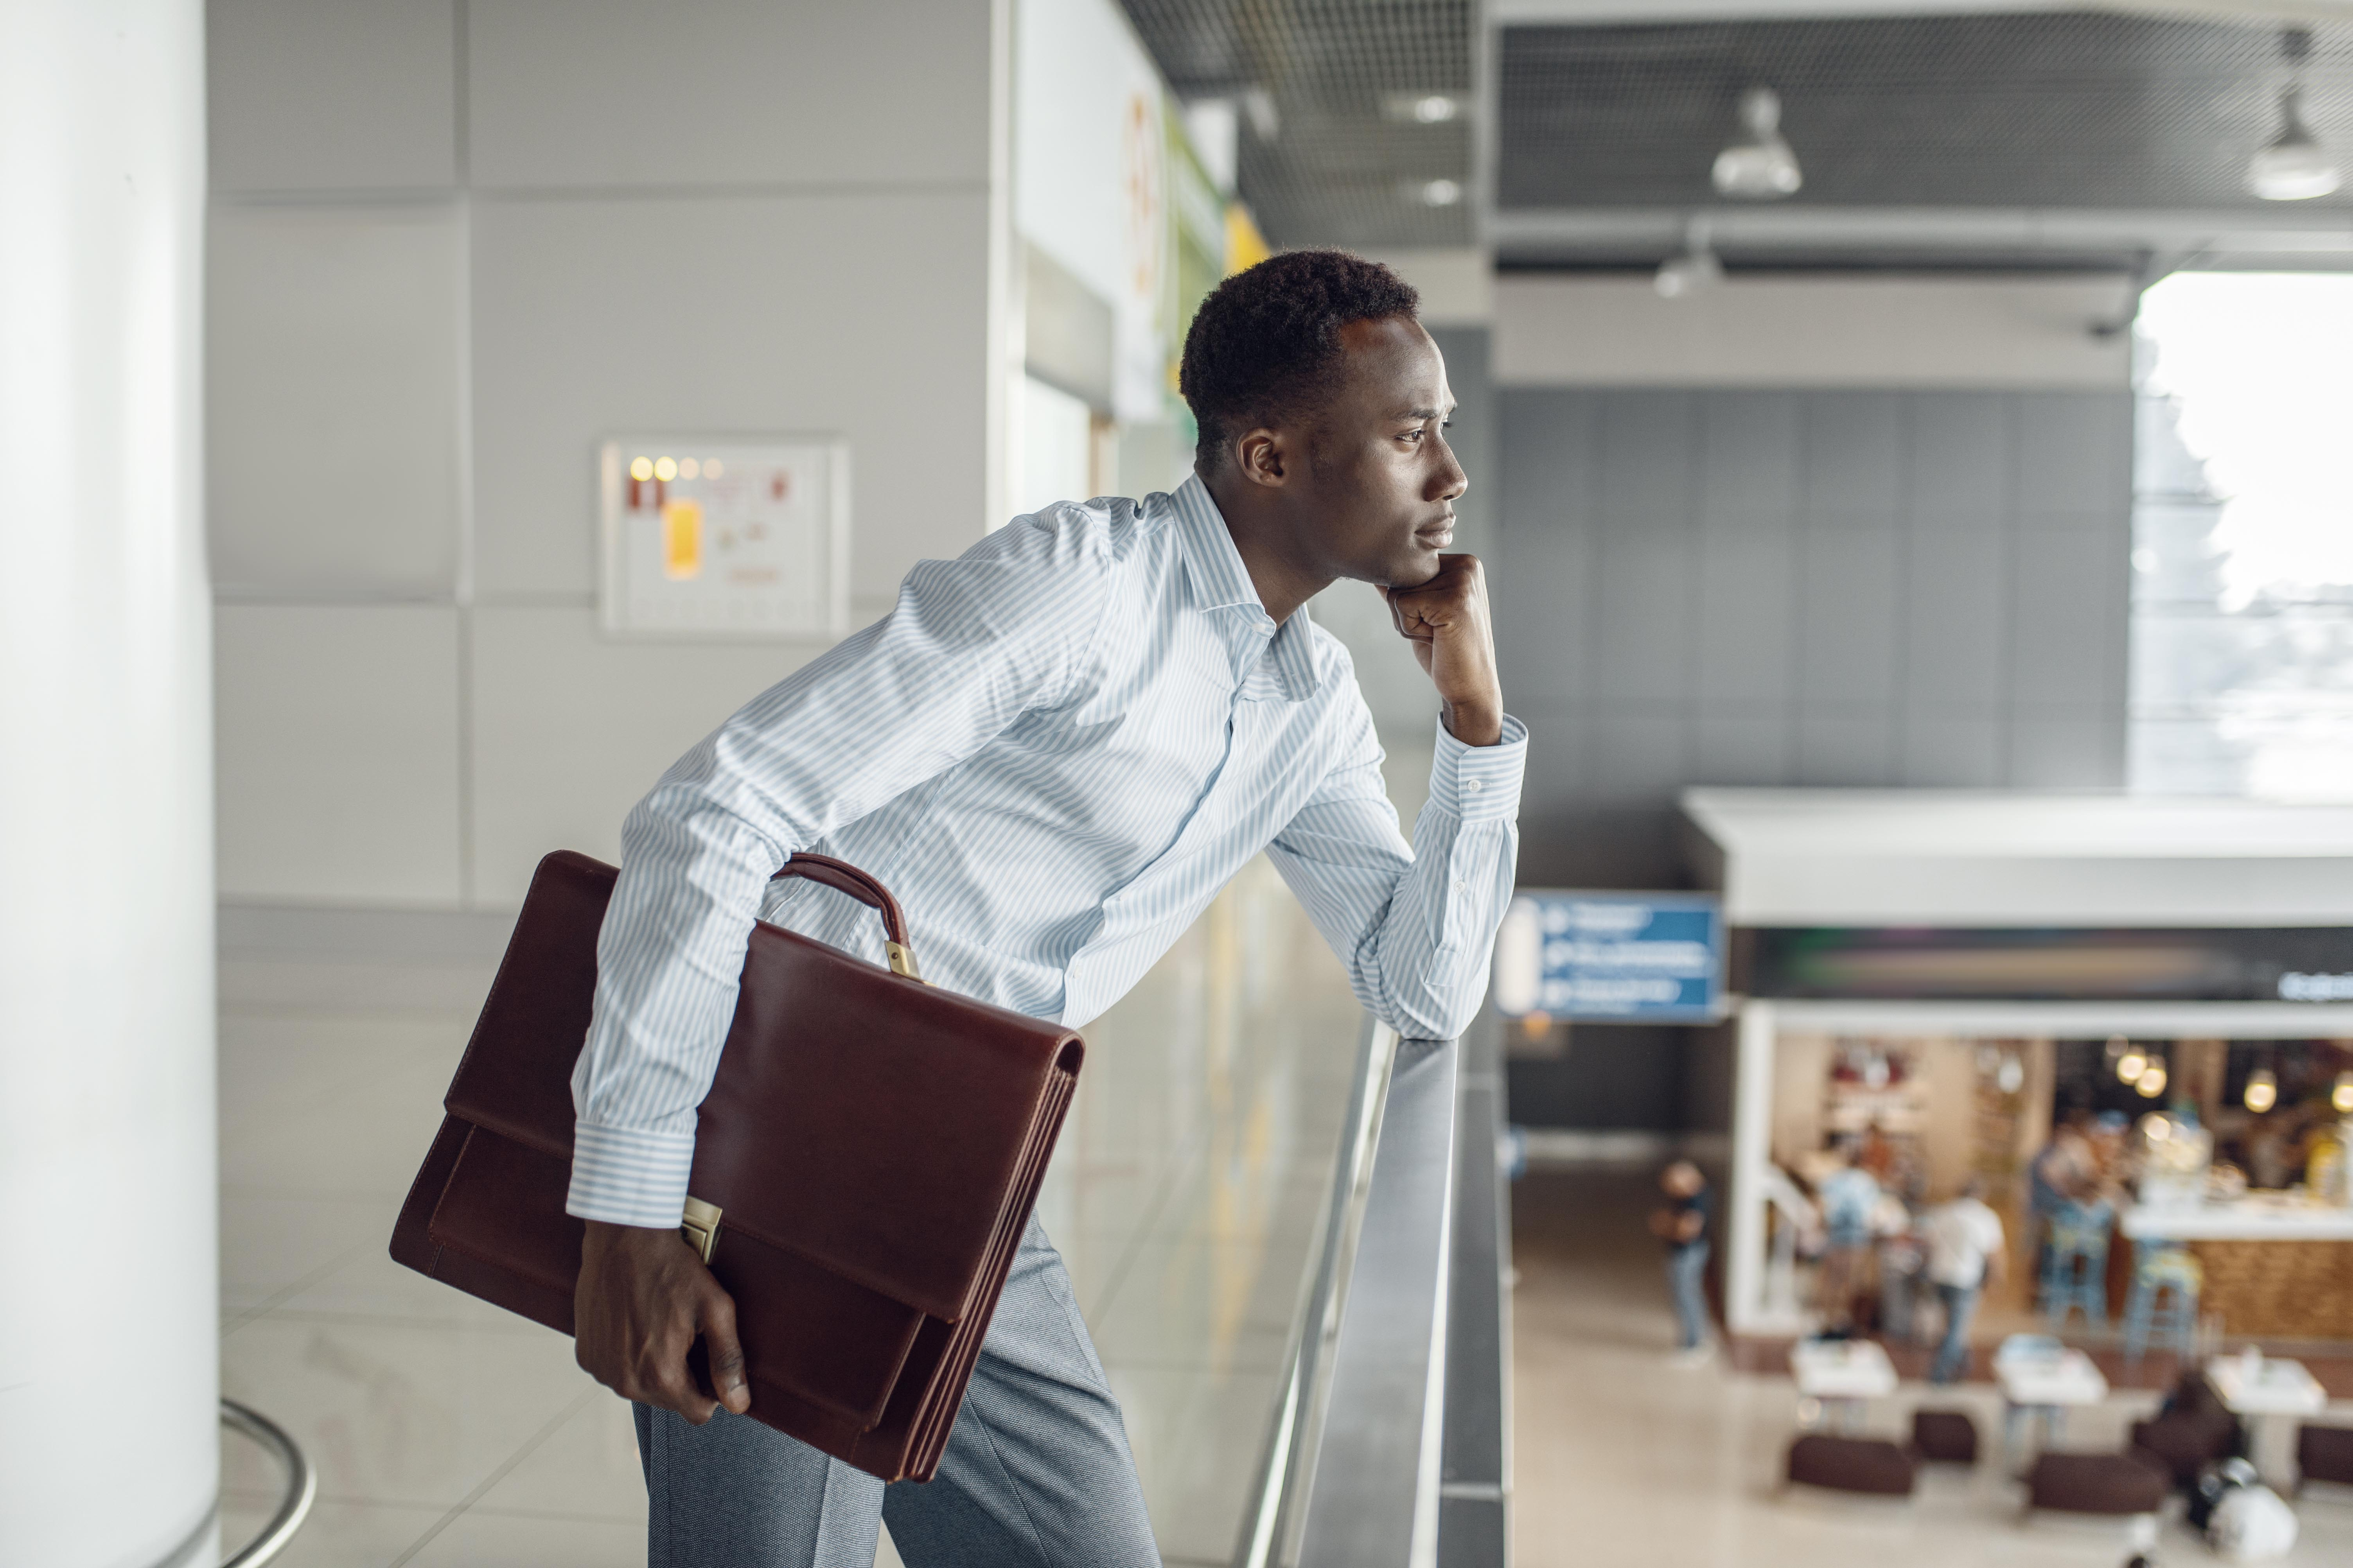 5 verdades sobre o programa de trainee do Magalu exclusivo para pessoas negras